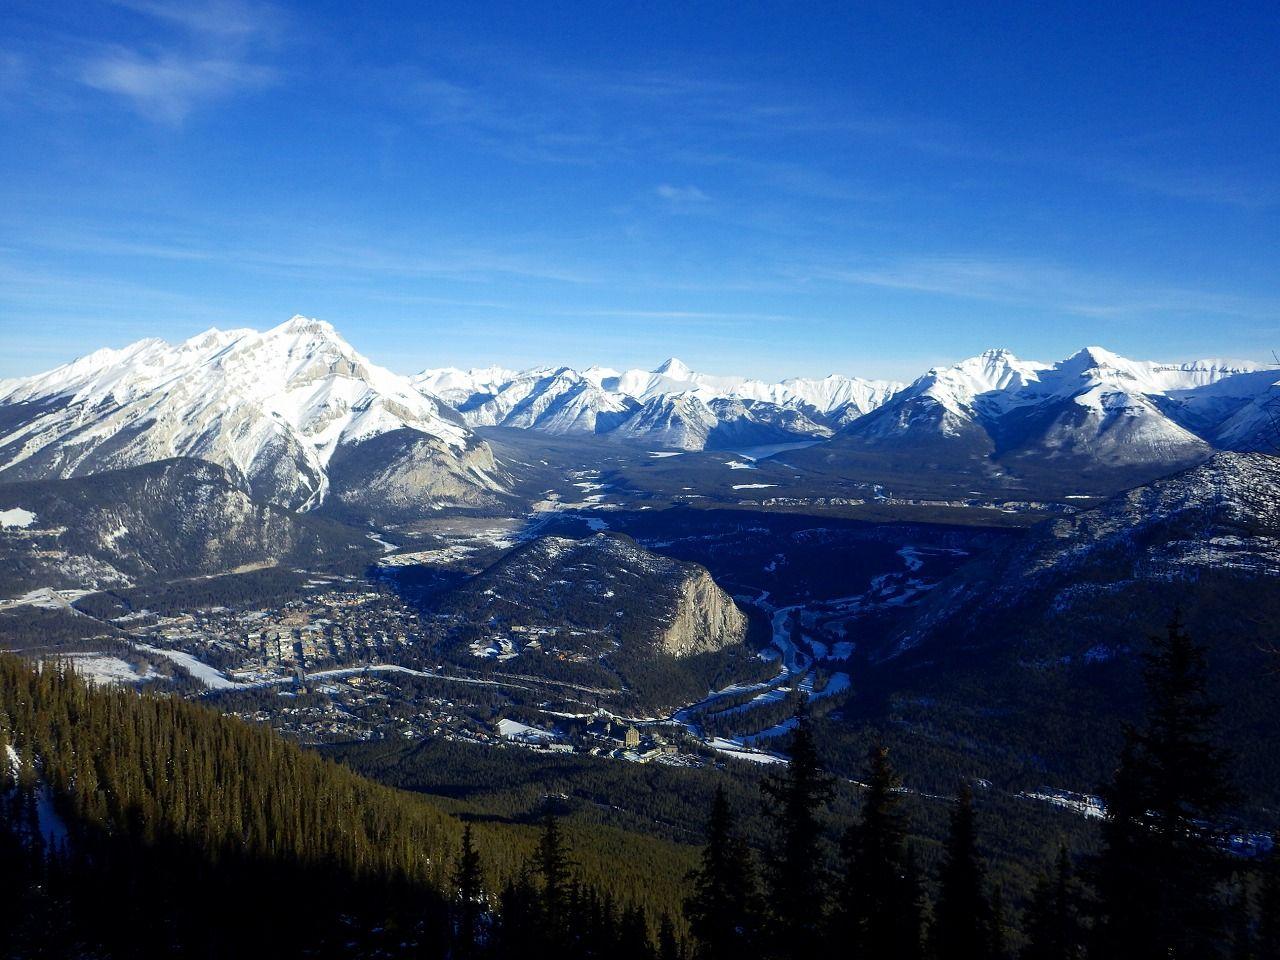 冬こそ穴場!サルファー山でお手軽な冬山登山体験